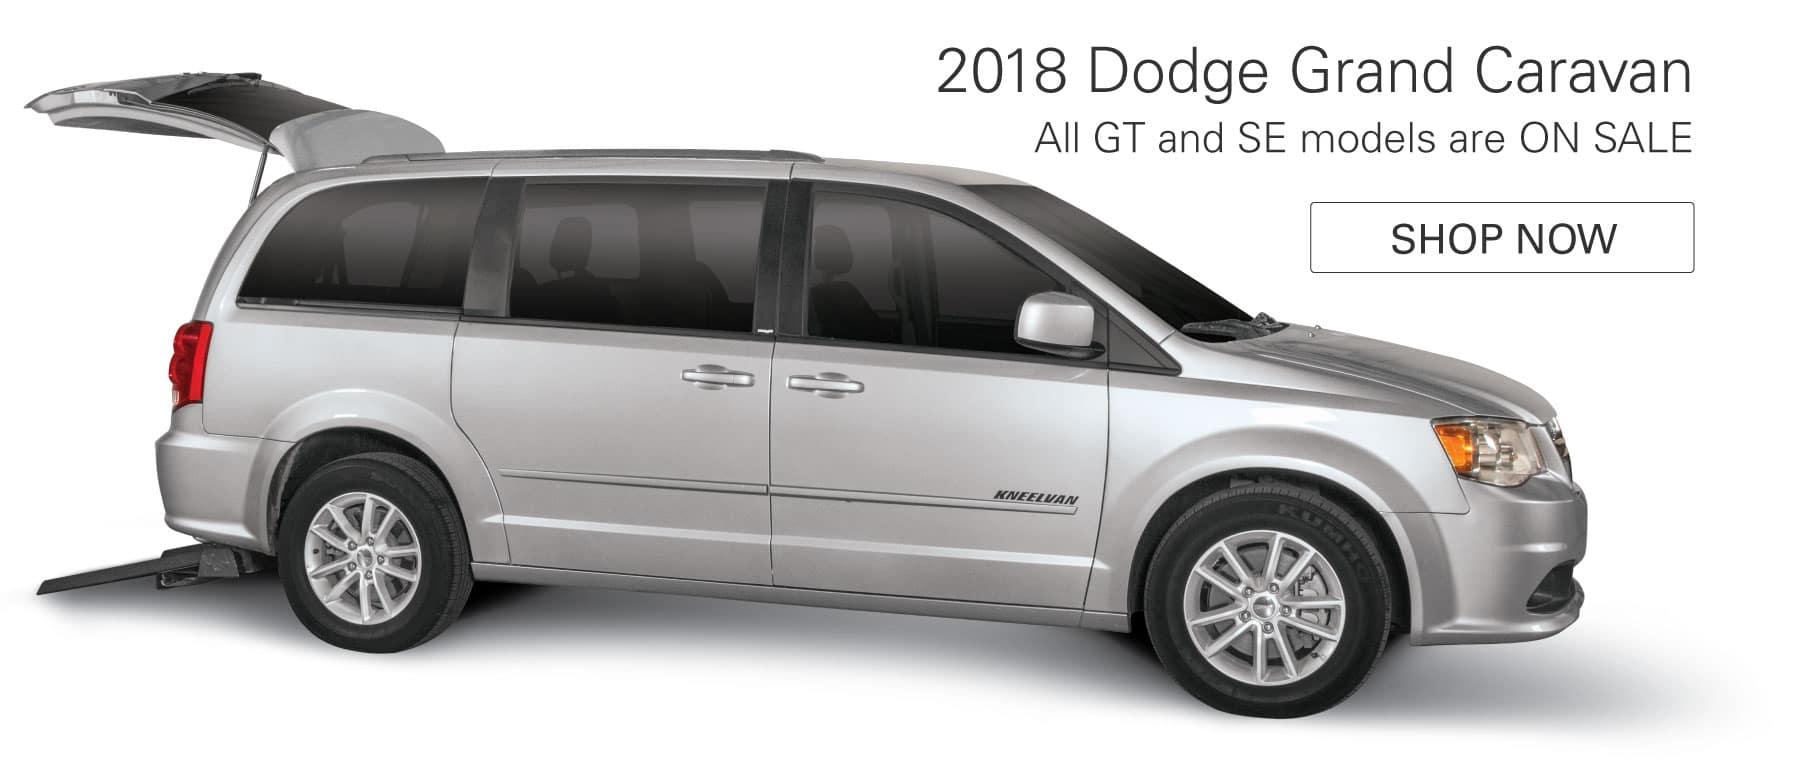 2018 Dodge Grand Caravan - All GT and SE models ON SALE